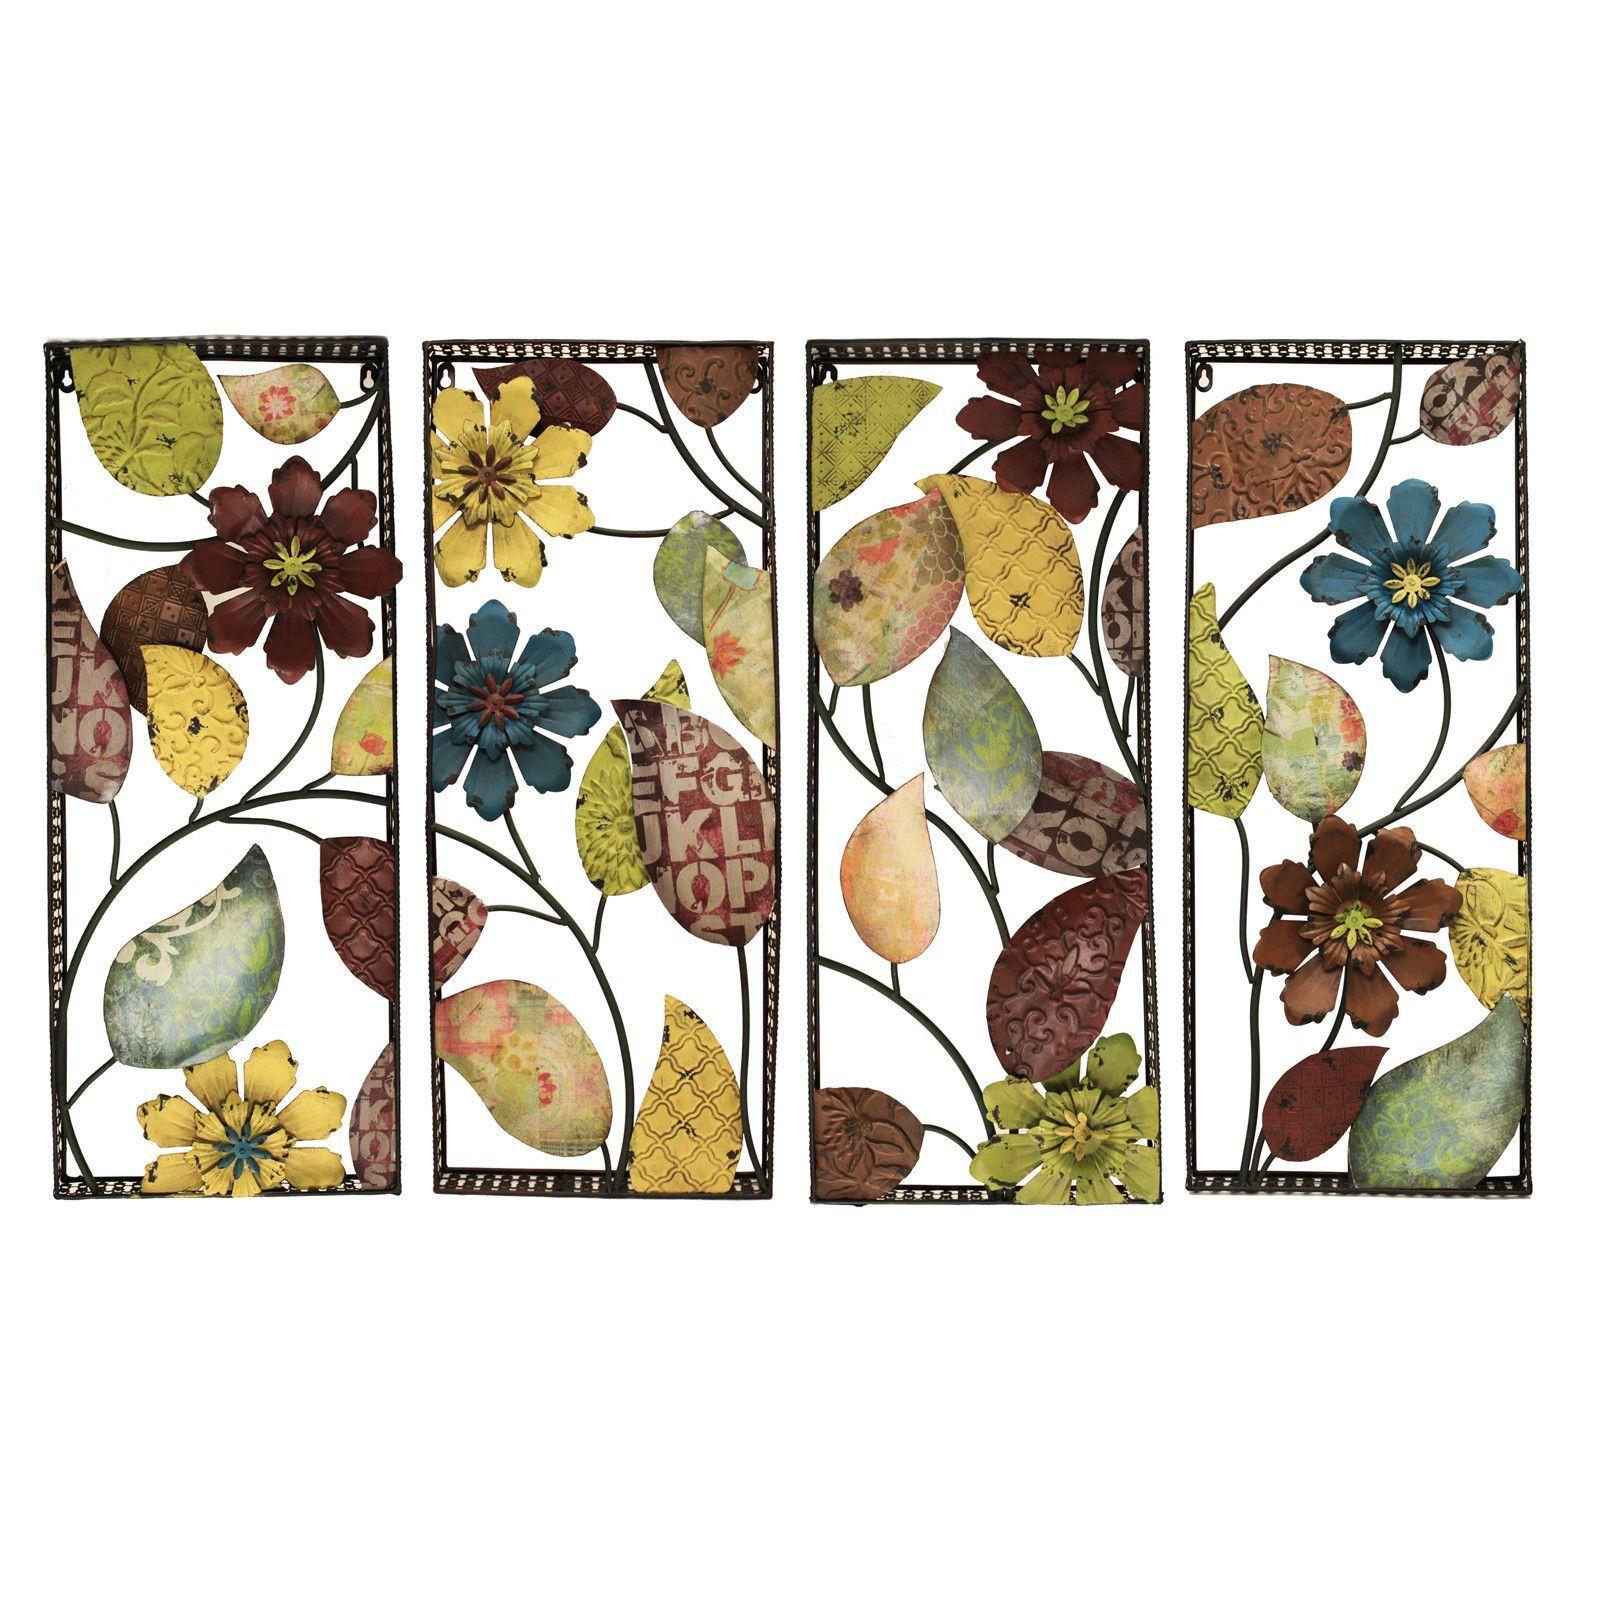 4 Piece Urban Designs Pop Art Flowers Wall Décor Set (View 3 of 20)